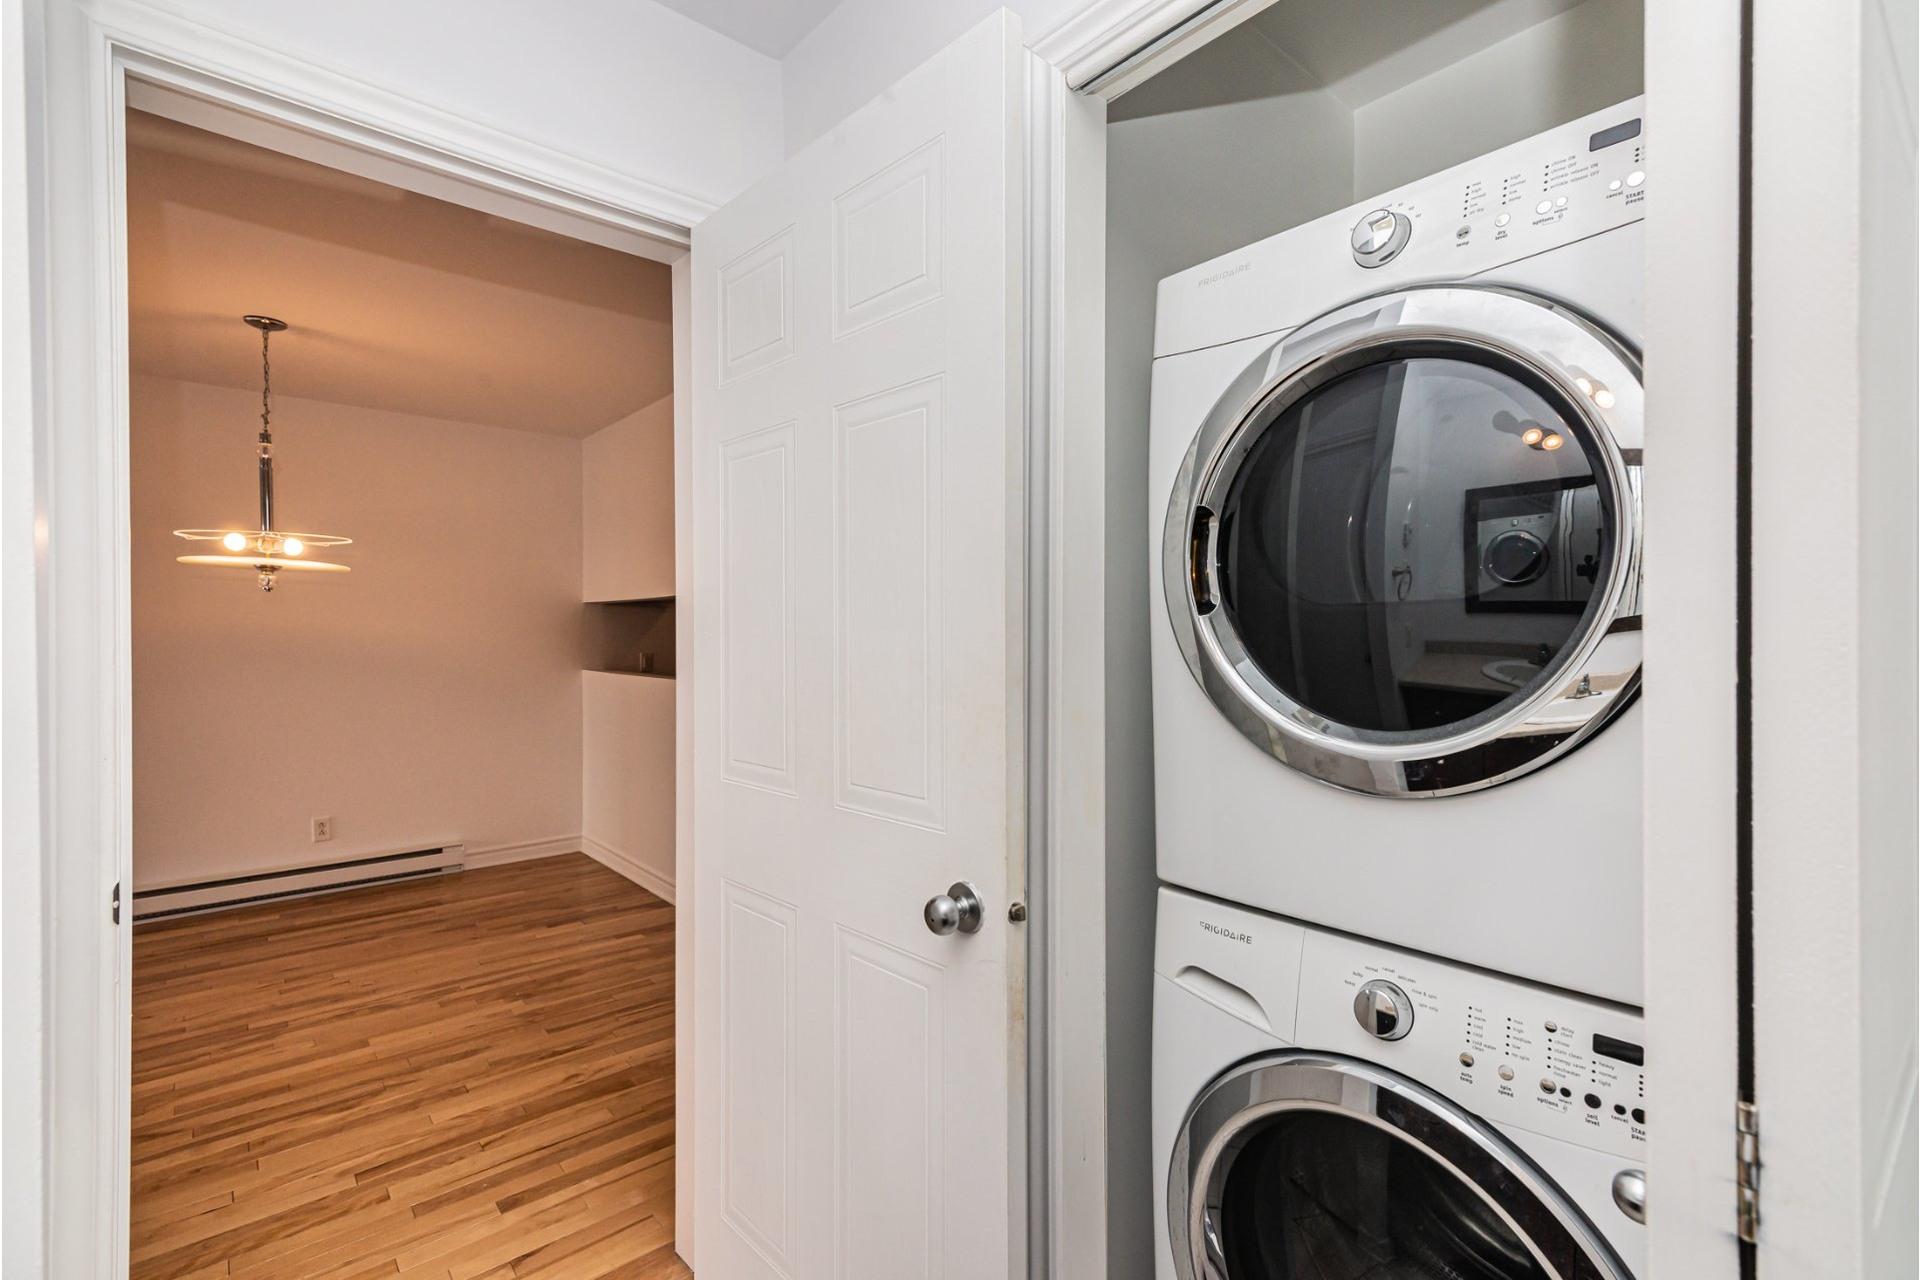 image 11 - Appartement À vendre Mercier/Hochelaga-Maisonneuve Montréal  - 4 pièces